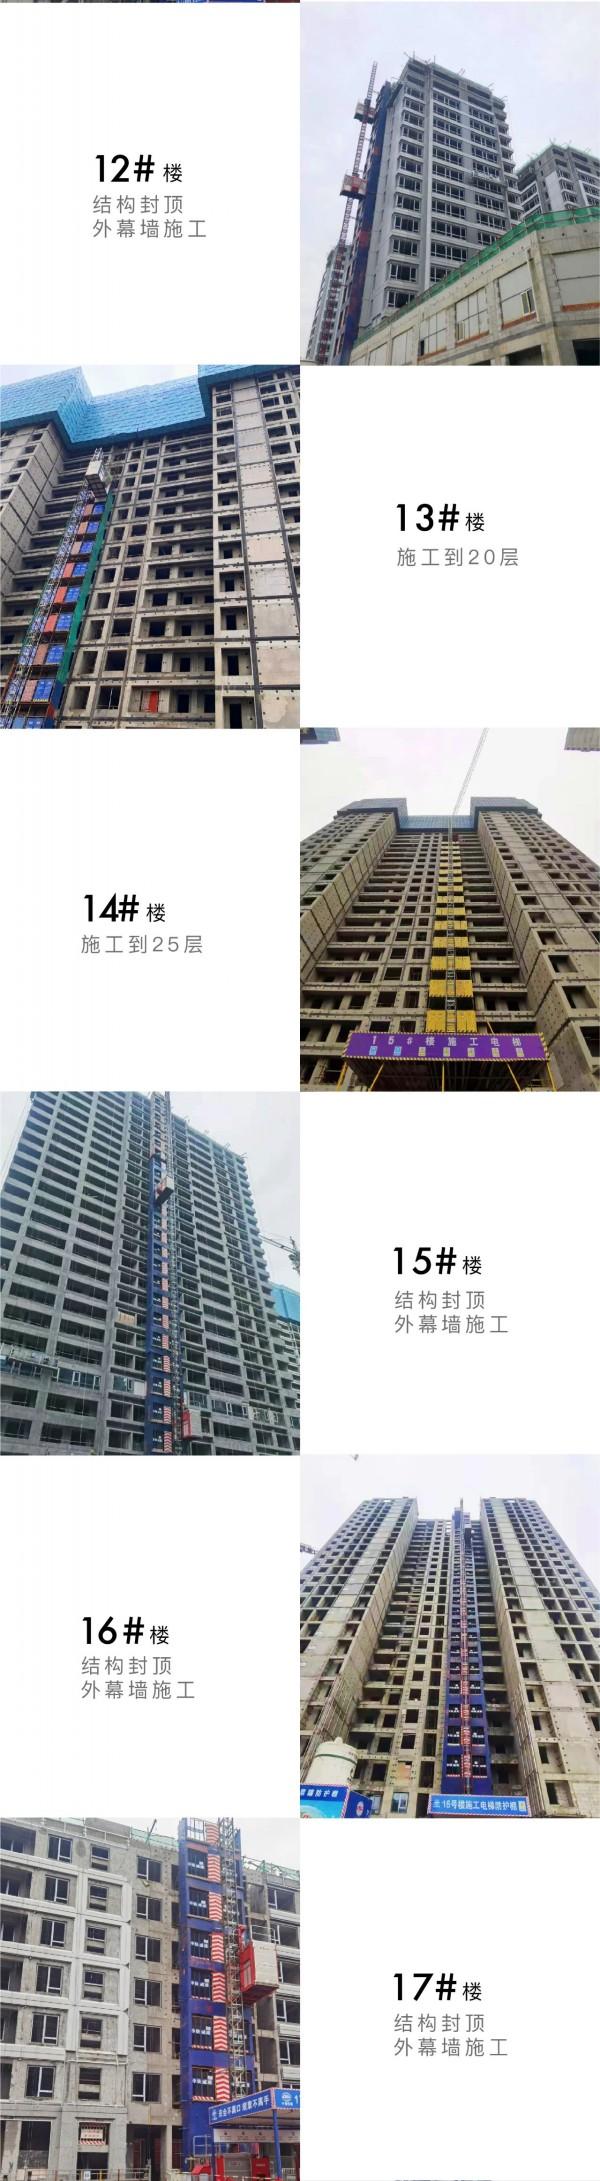 芳菲徐来 至以为念丨中国铁建·花语江南4月家书  第6张